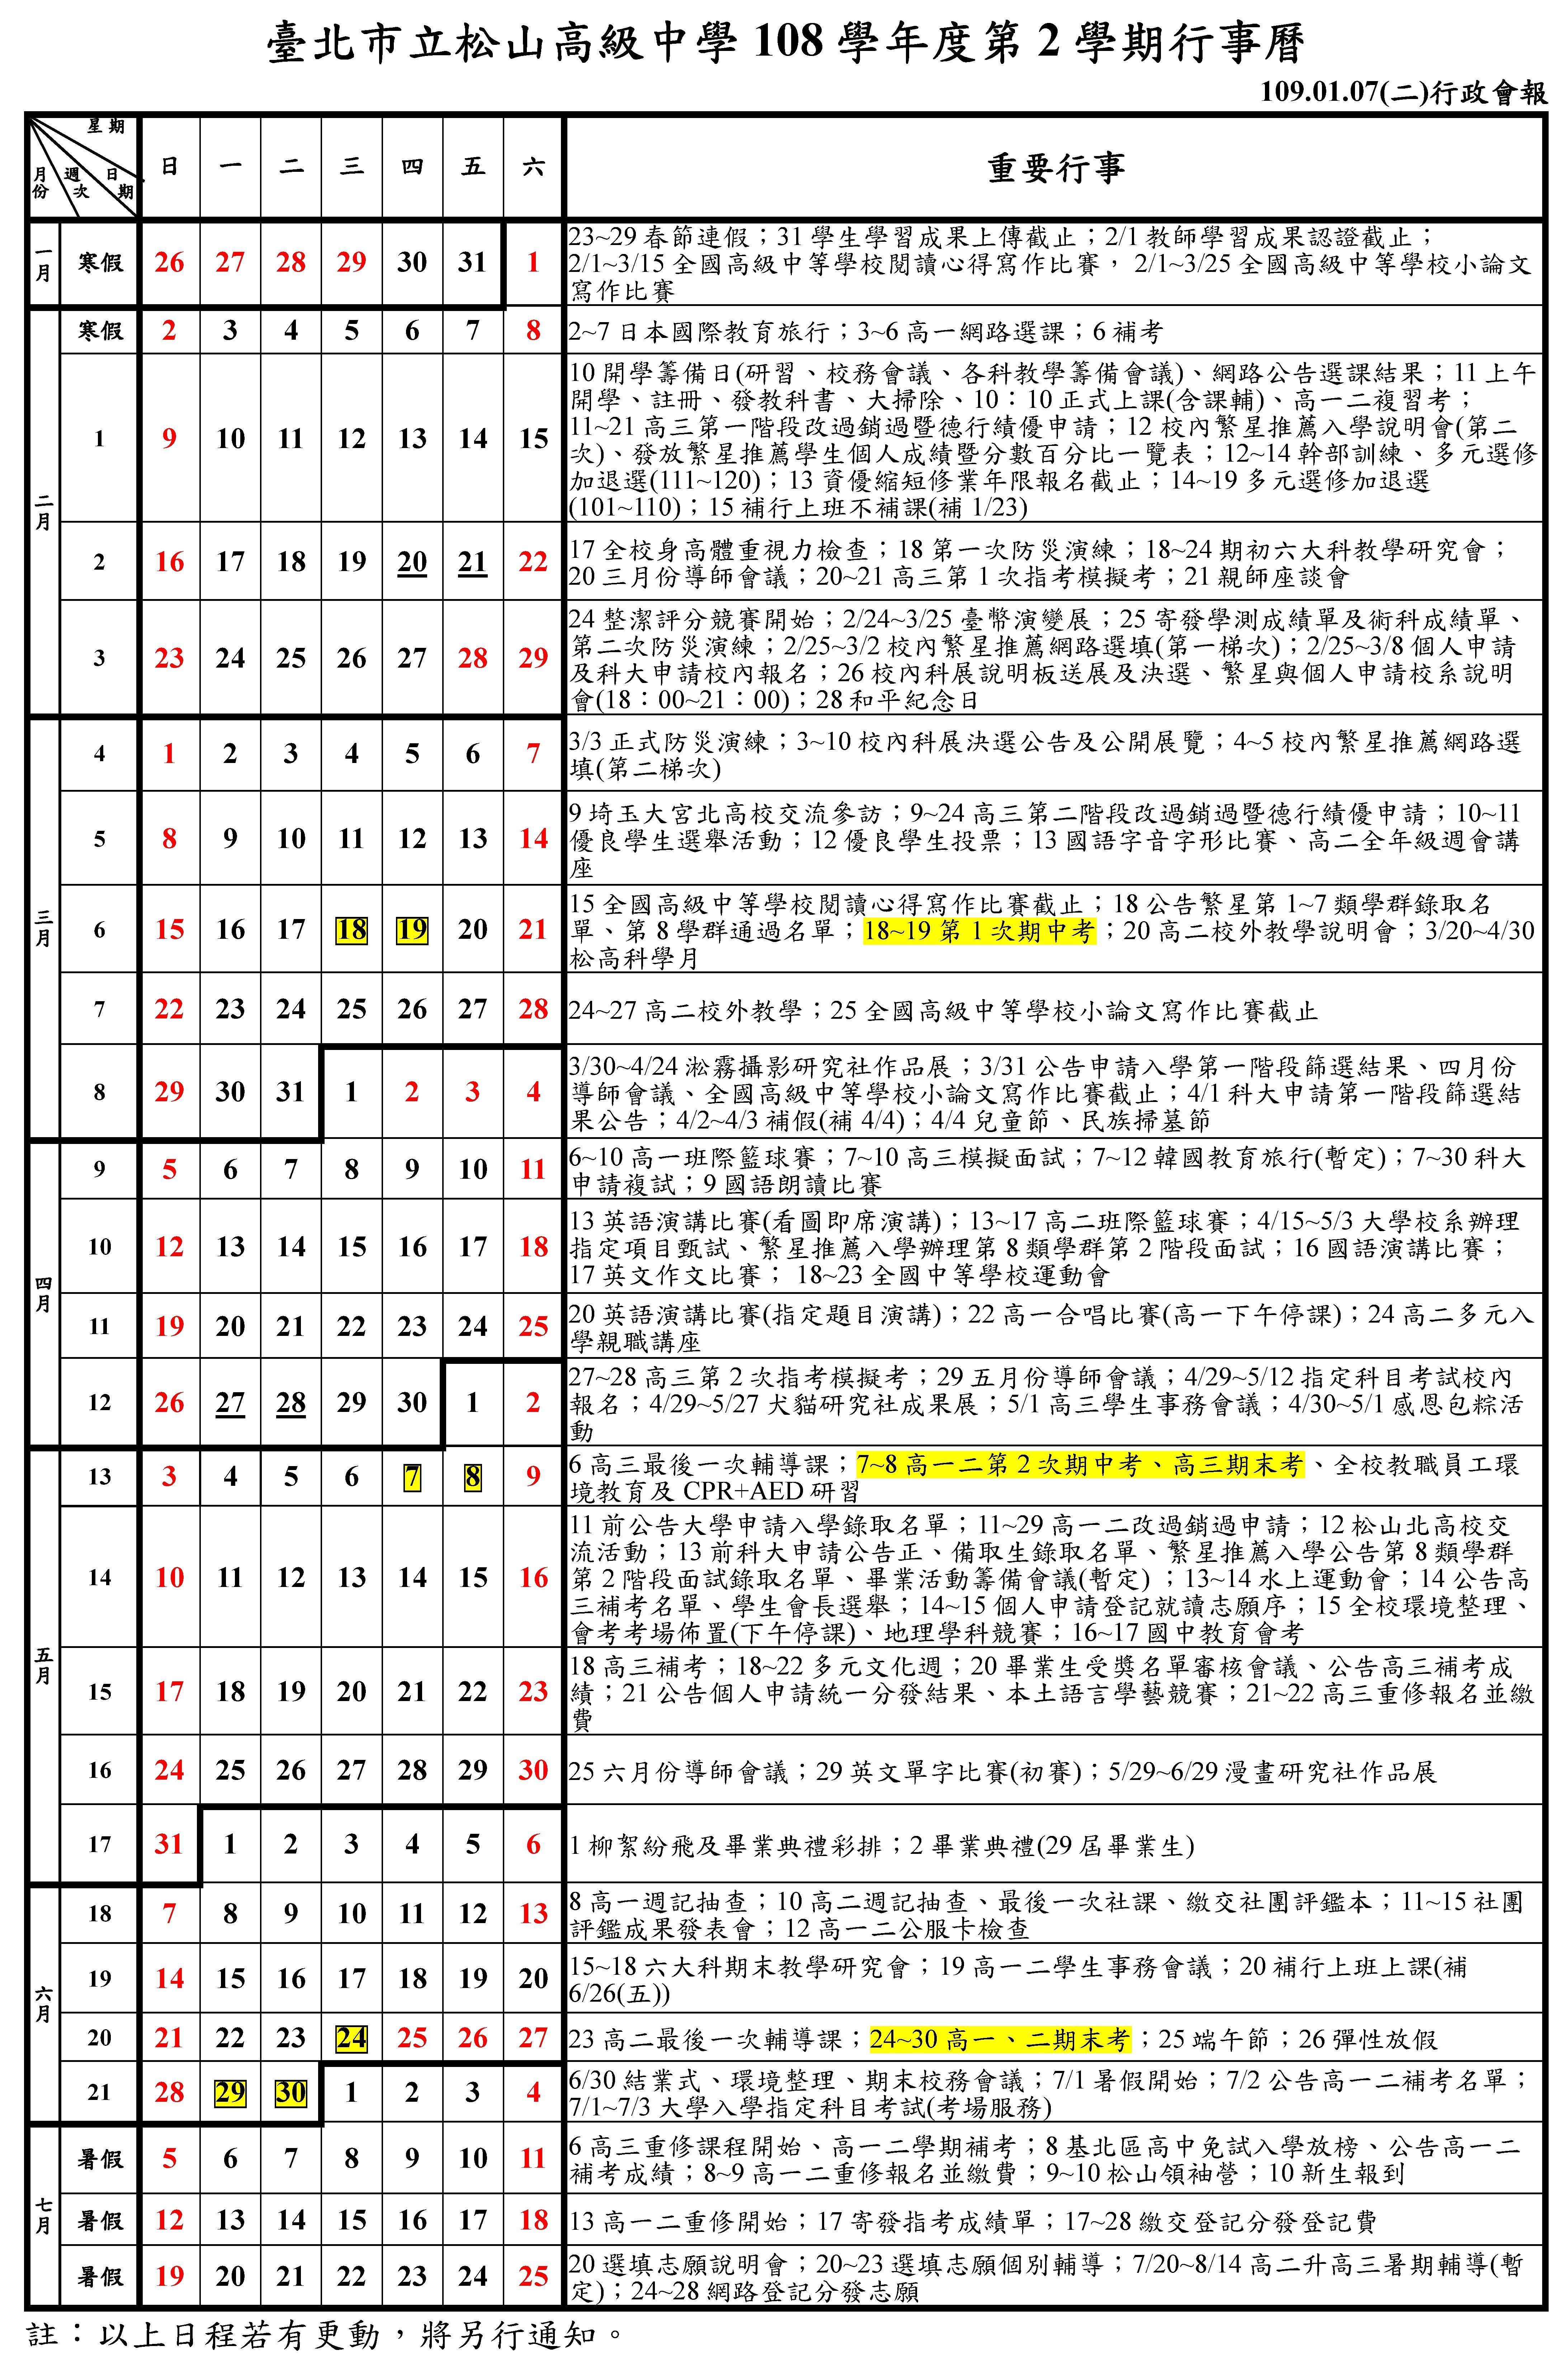 1082行事曆